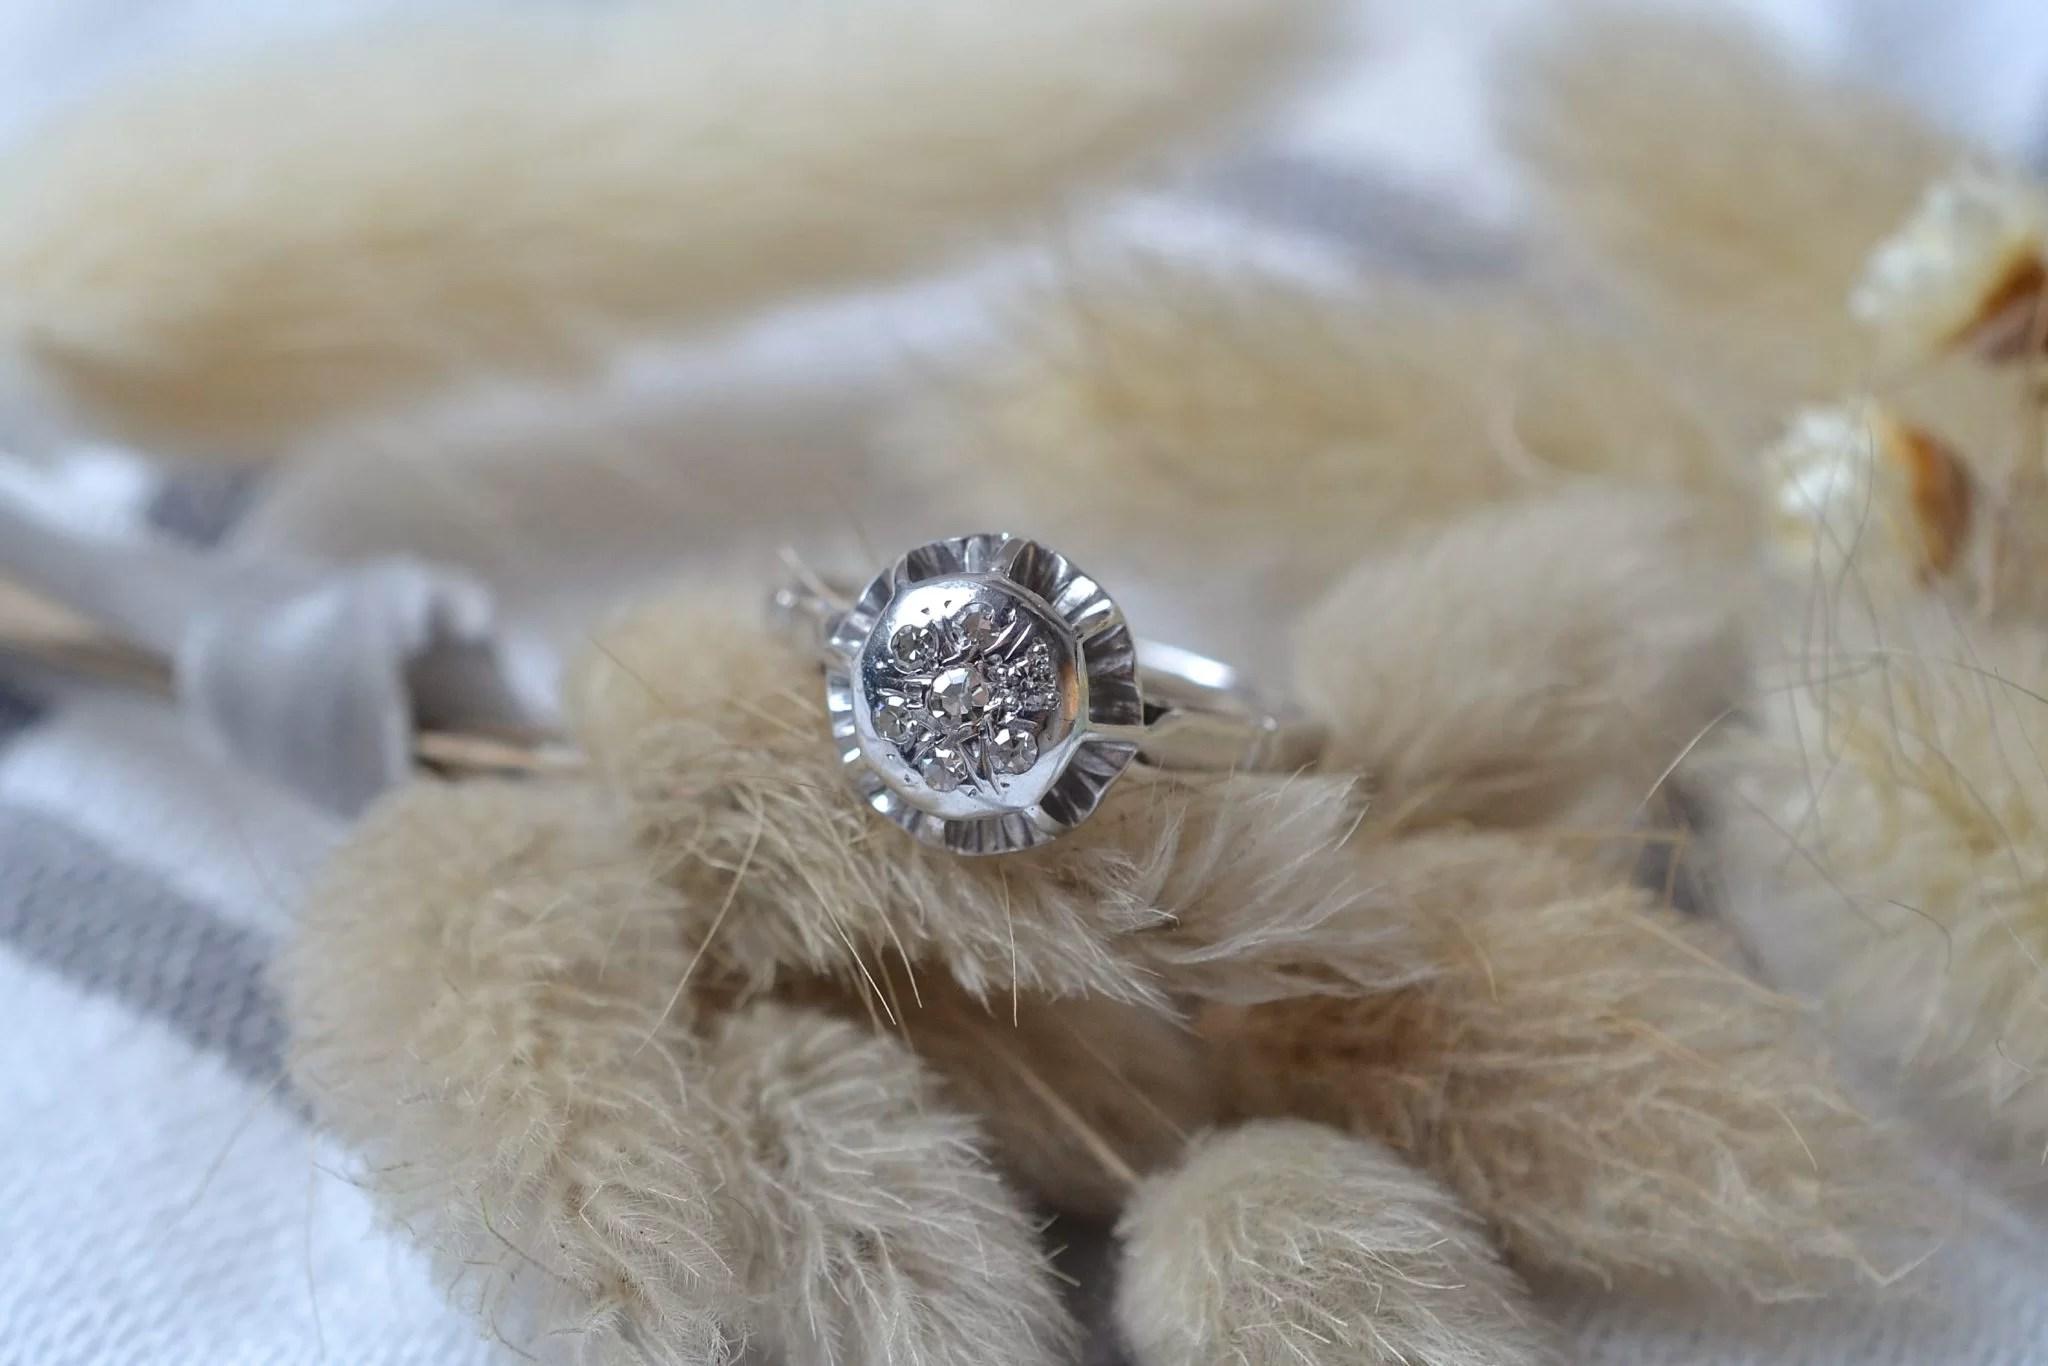 Bague en Or blanc, chaton rond orné de diamants 8_8 - bague de fiançailles Vintage